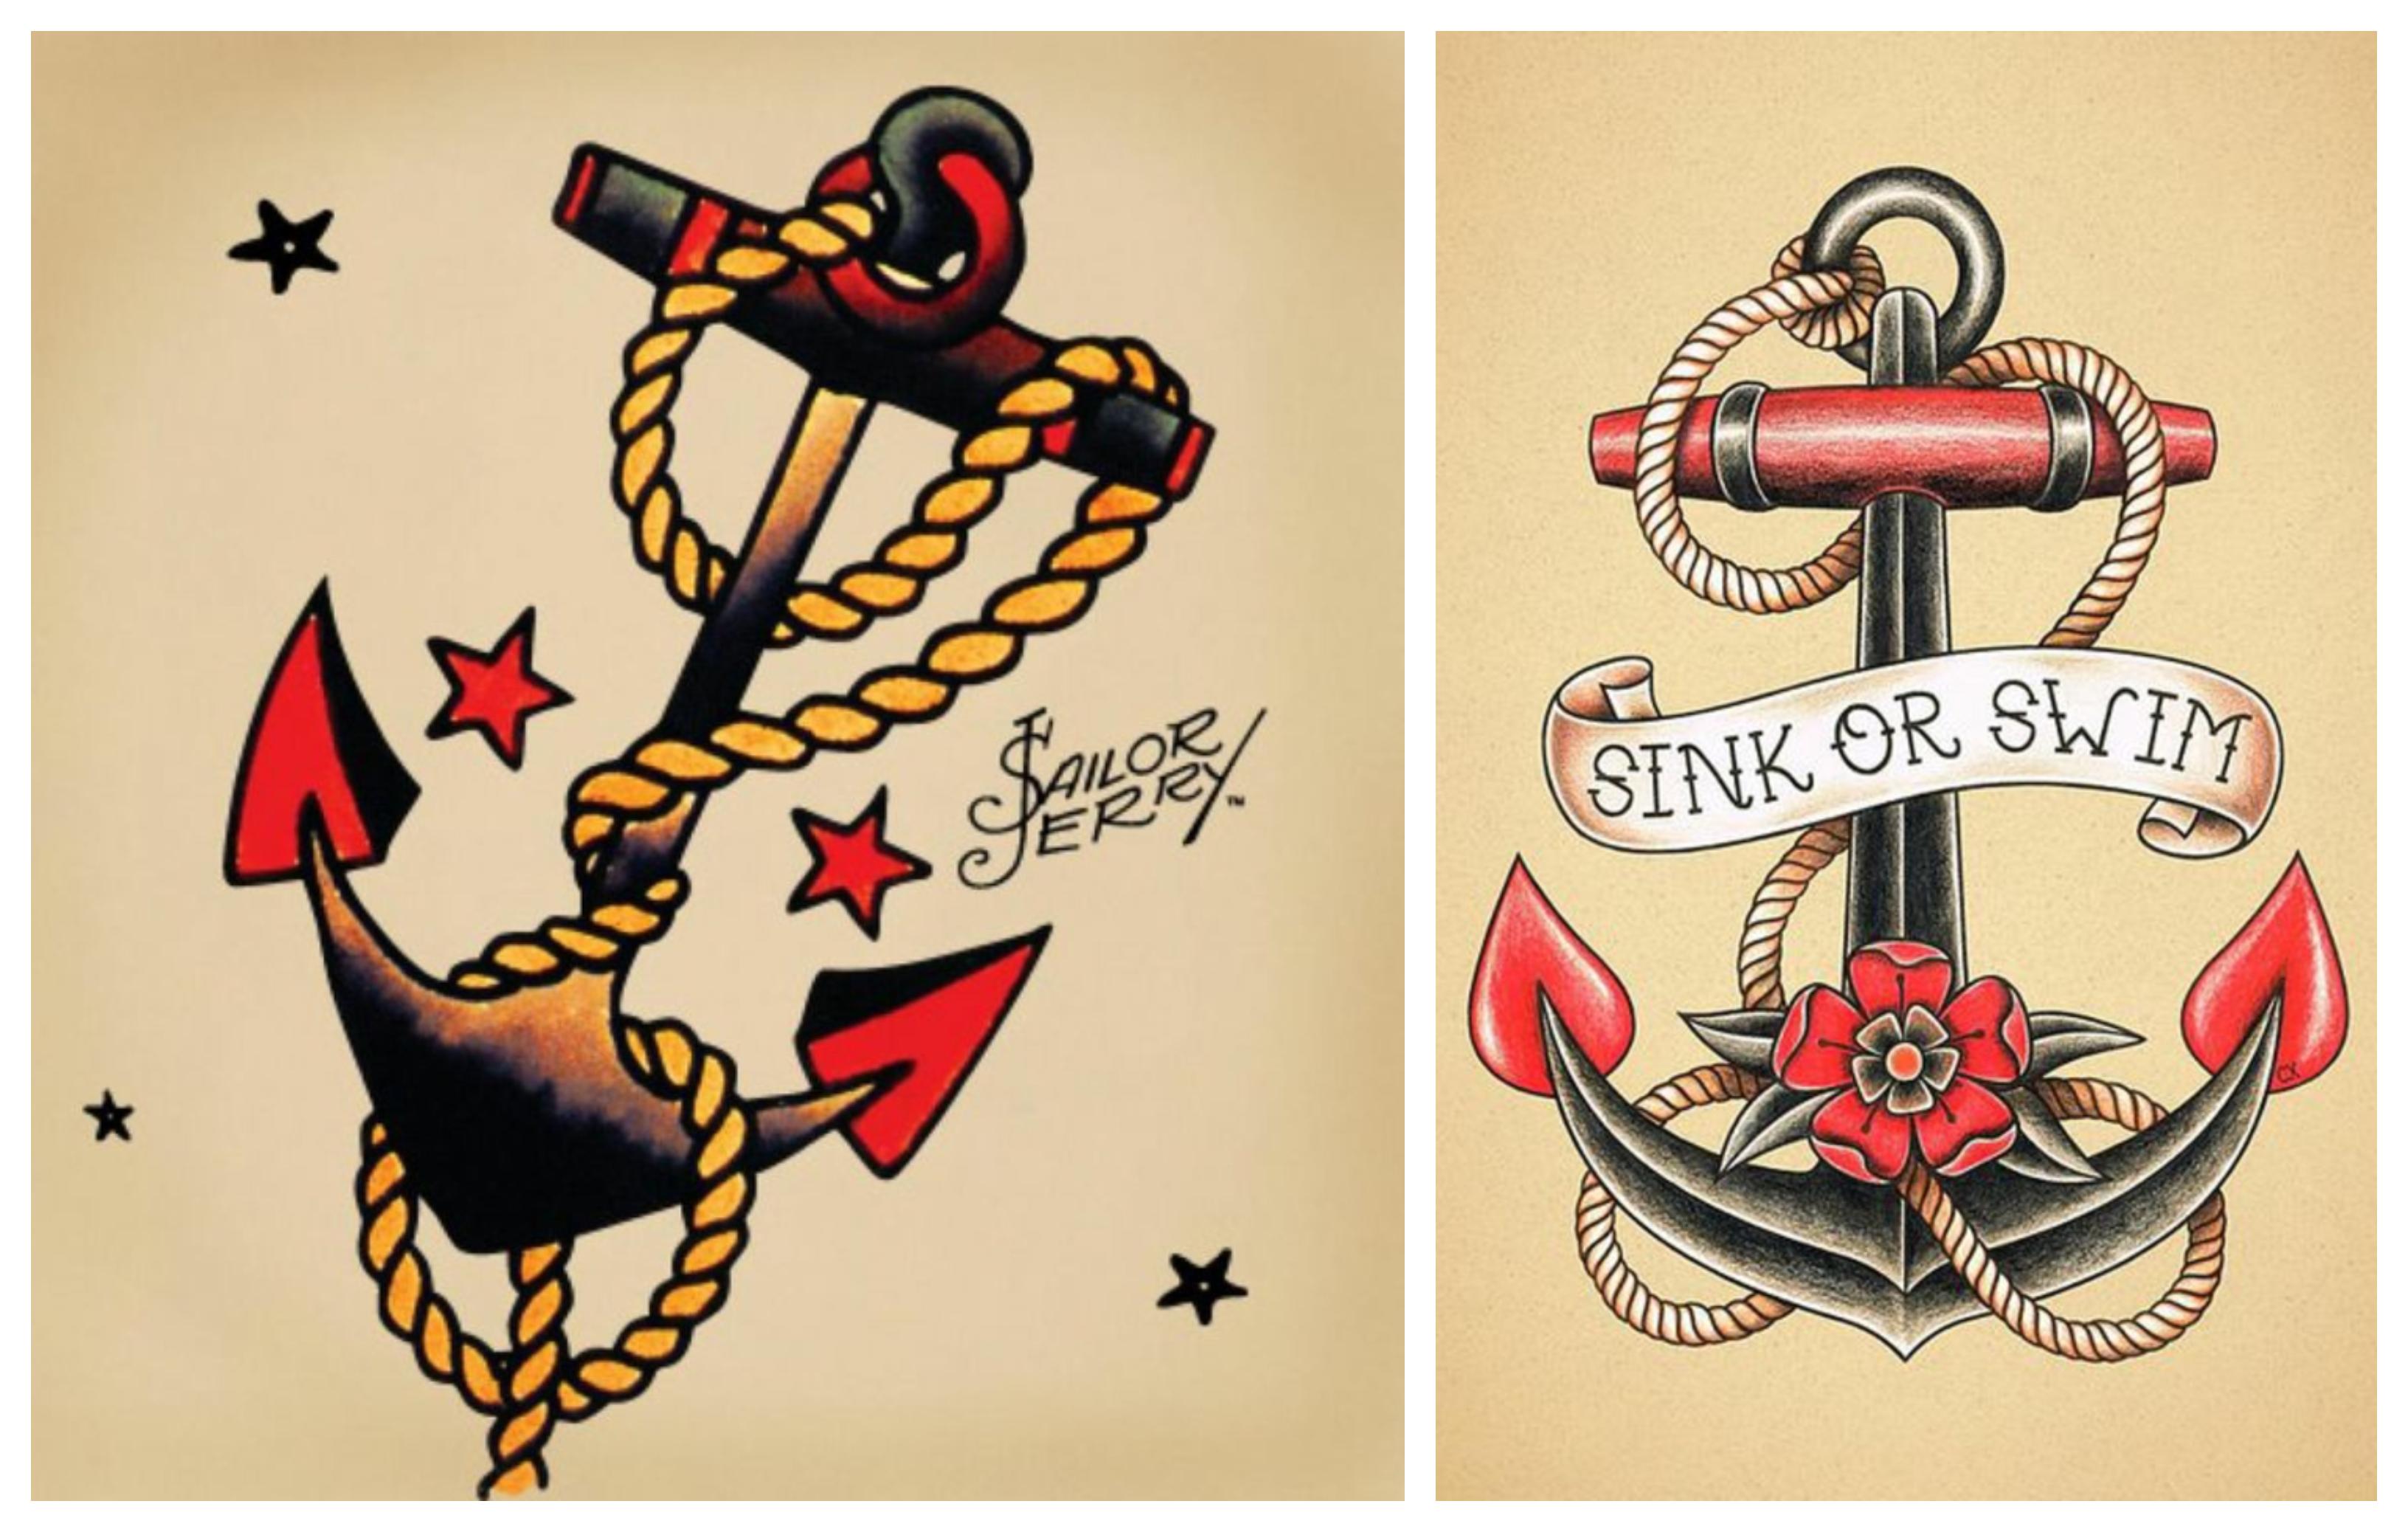 típicos símbolos de los tatuajes tradicionales americanos, tattoos con anclas, tatuajes para hombres en el brazo